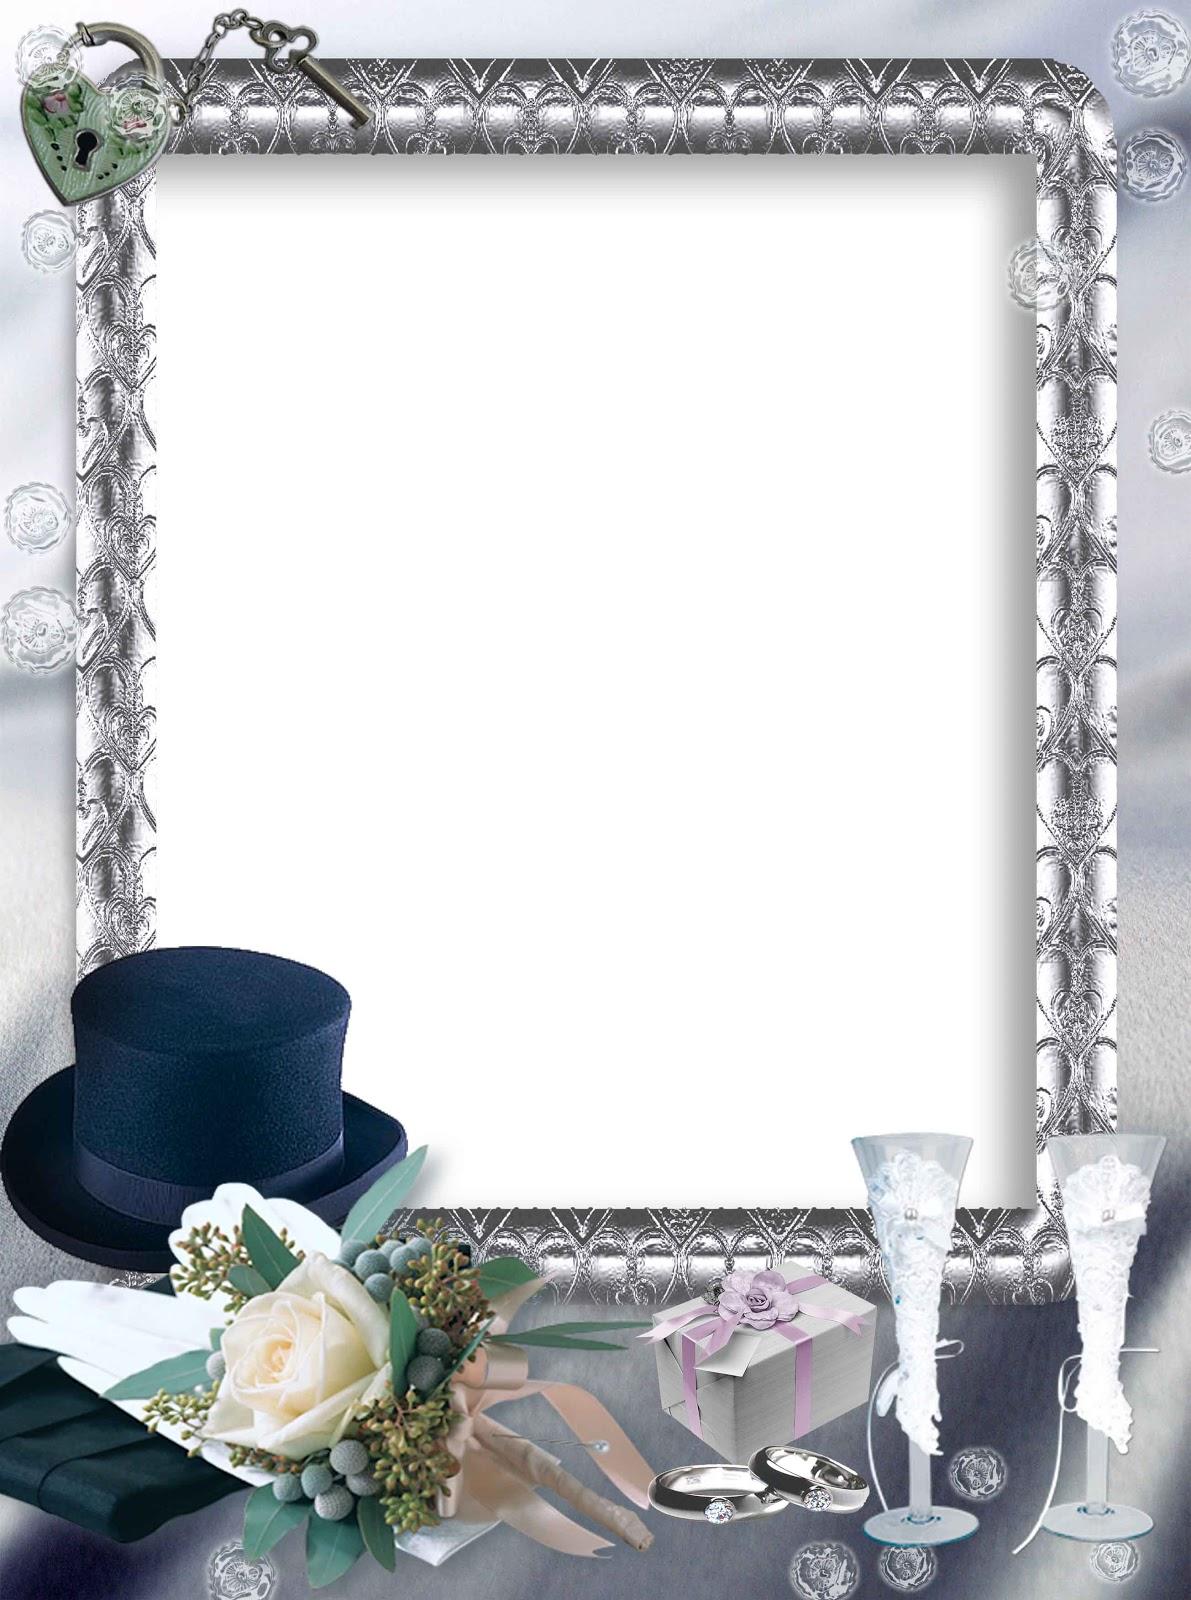 wedding png frame | wedding frame